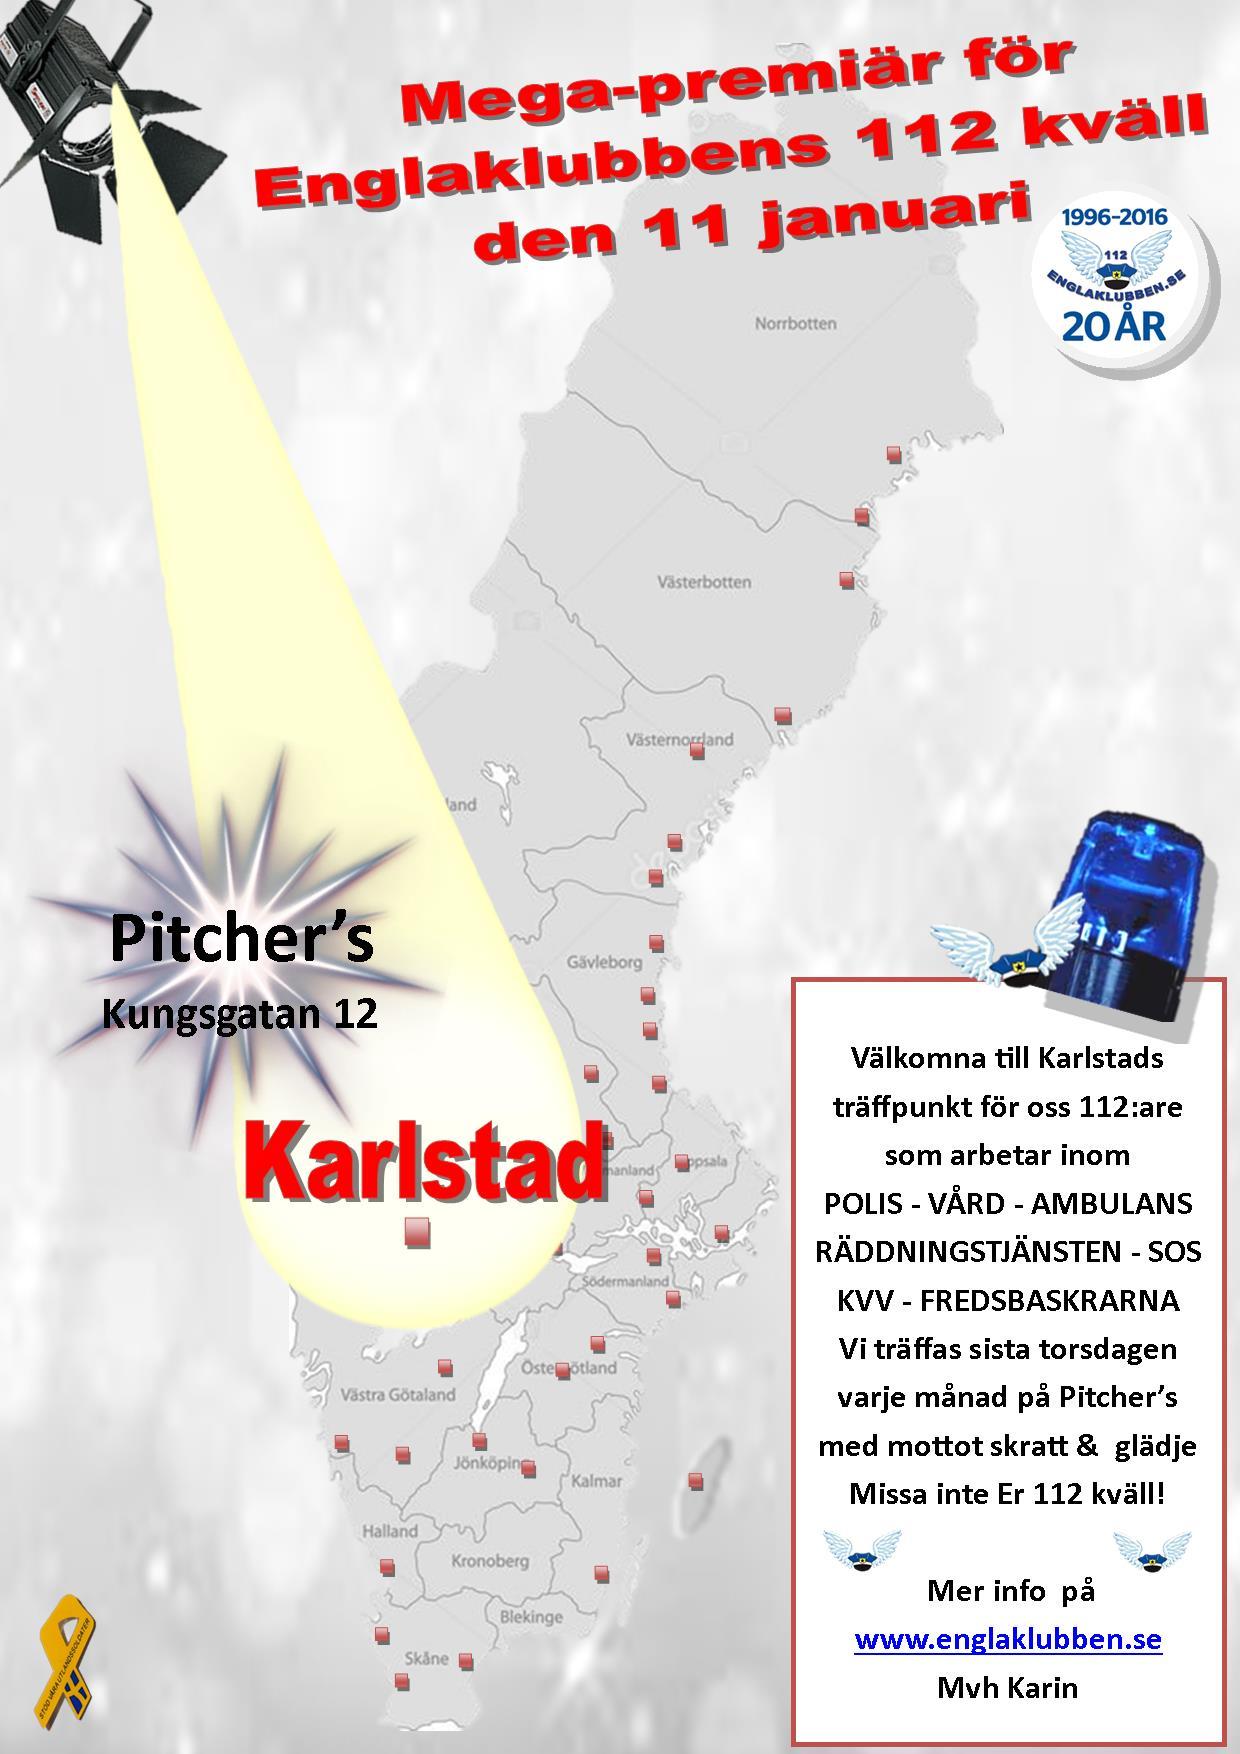 Karlstad Englaklubbens 112 kväll inbjudan